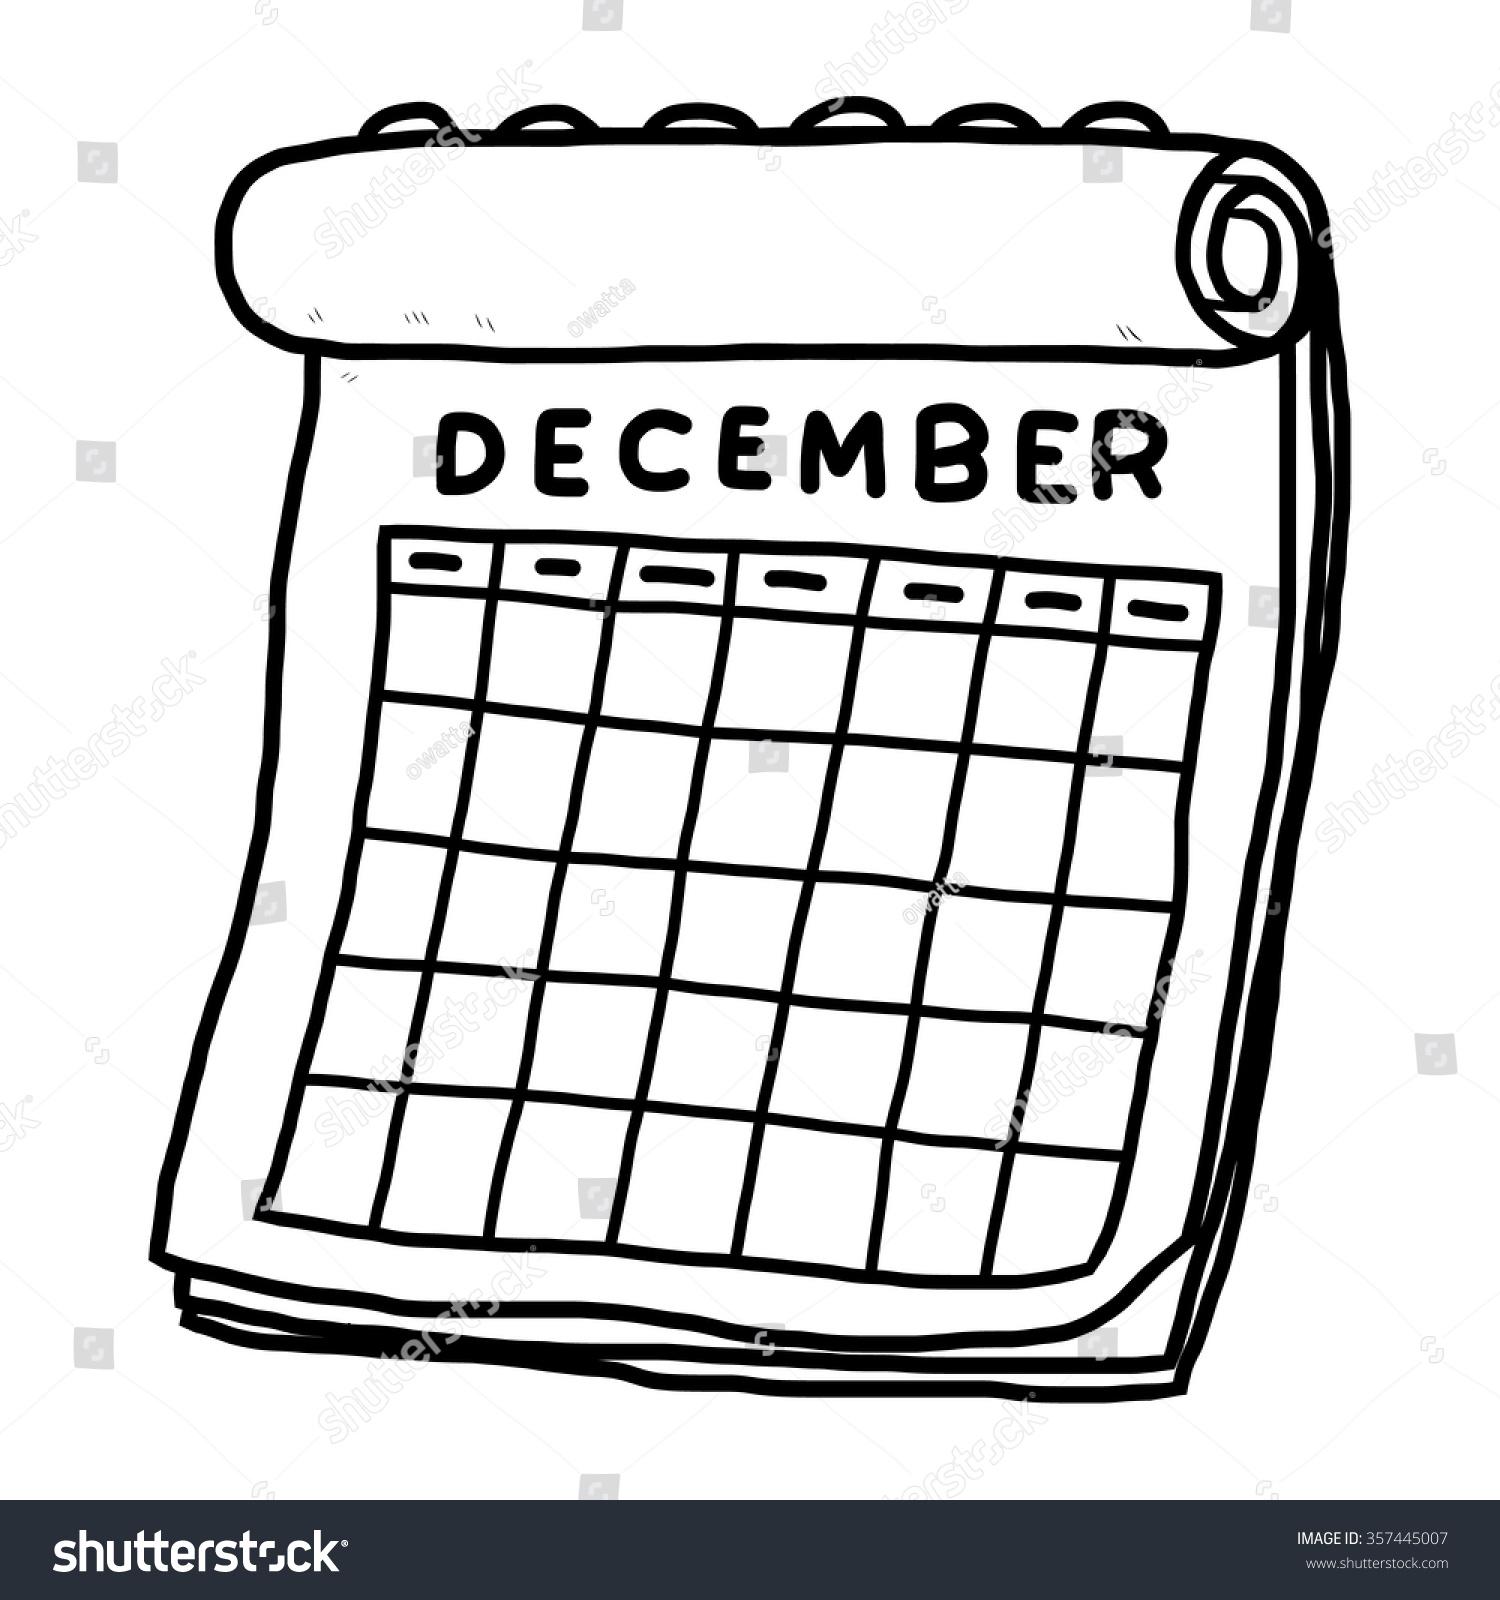 Calendar Illustrations : Calendar december cartoon vector illustration black stock